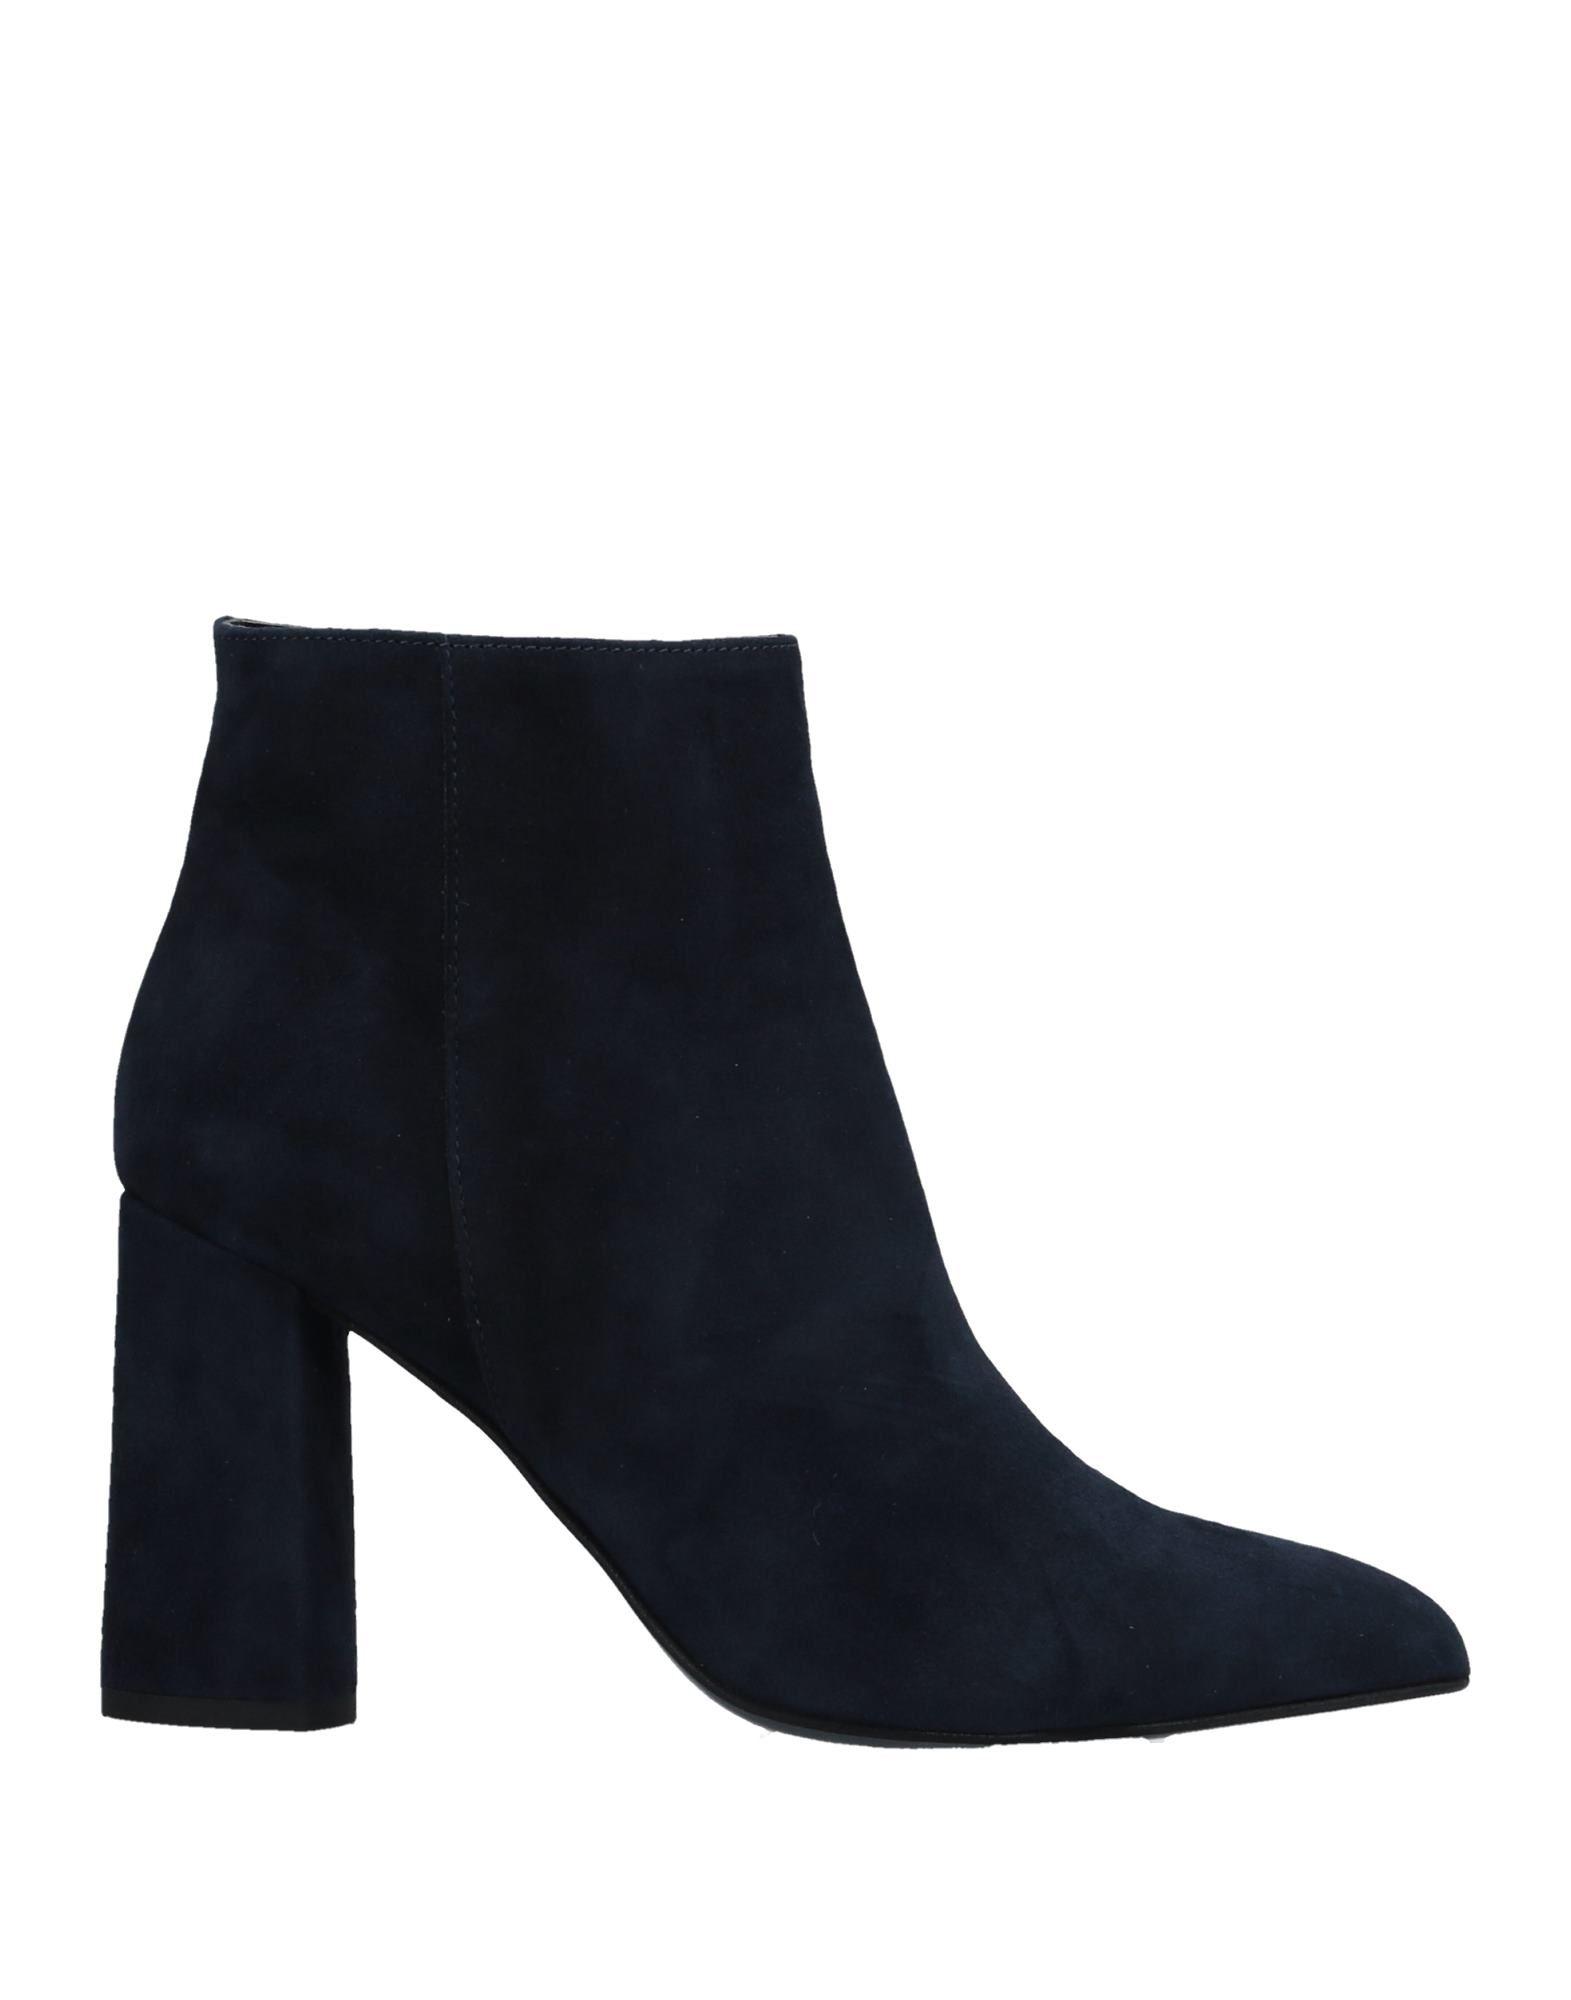 Bagatt Stiefelette Damen  11510620BU Gute Qualität beliebte Schuhe